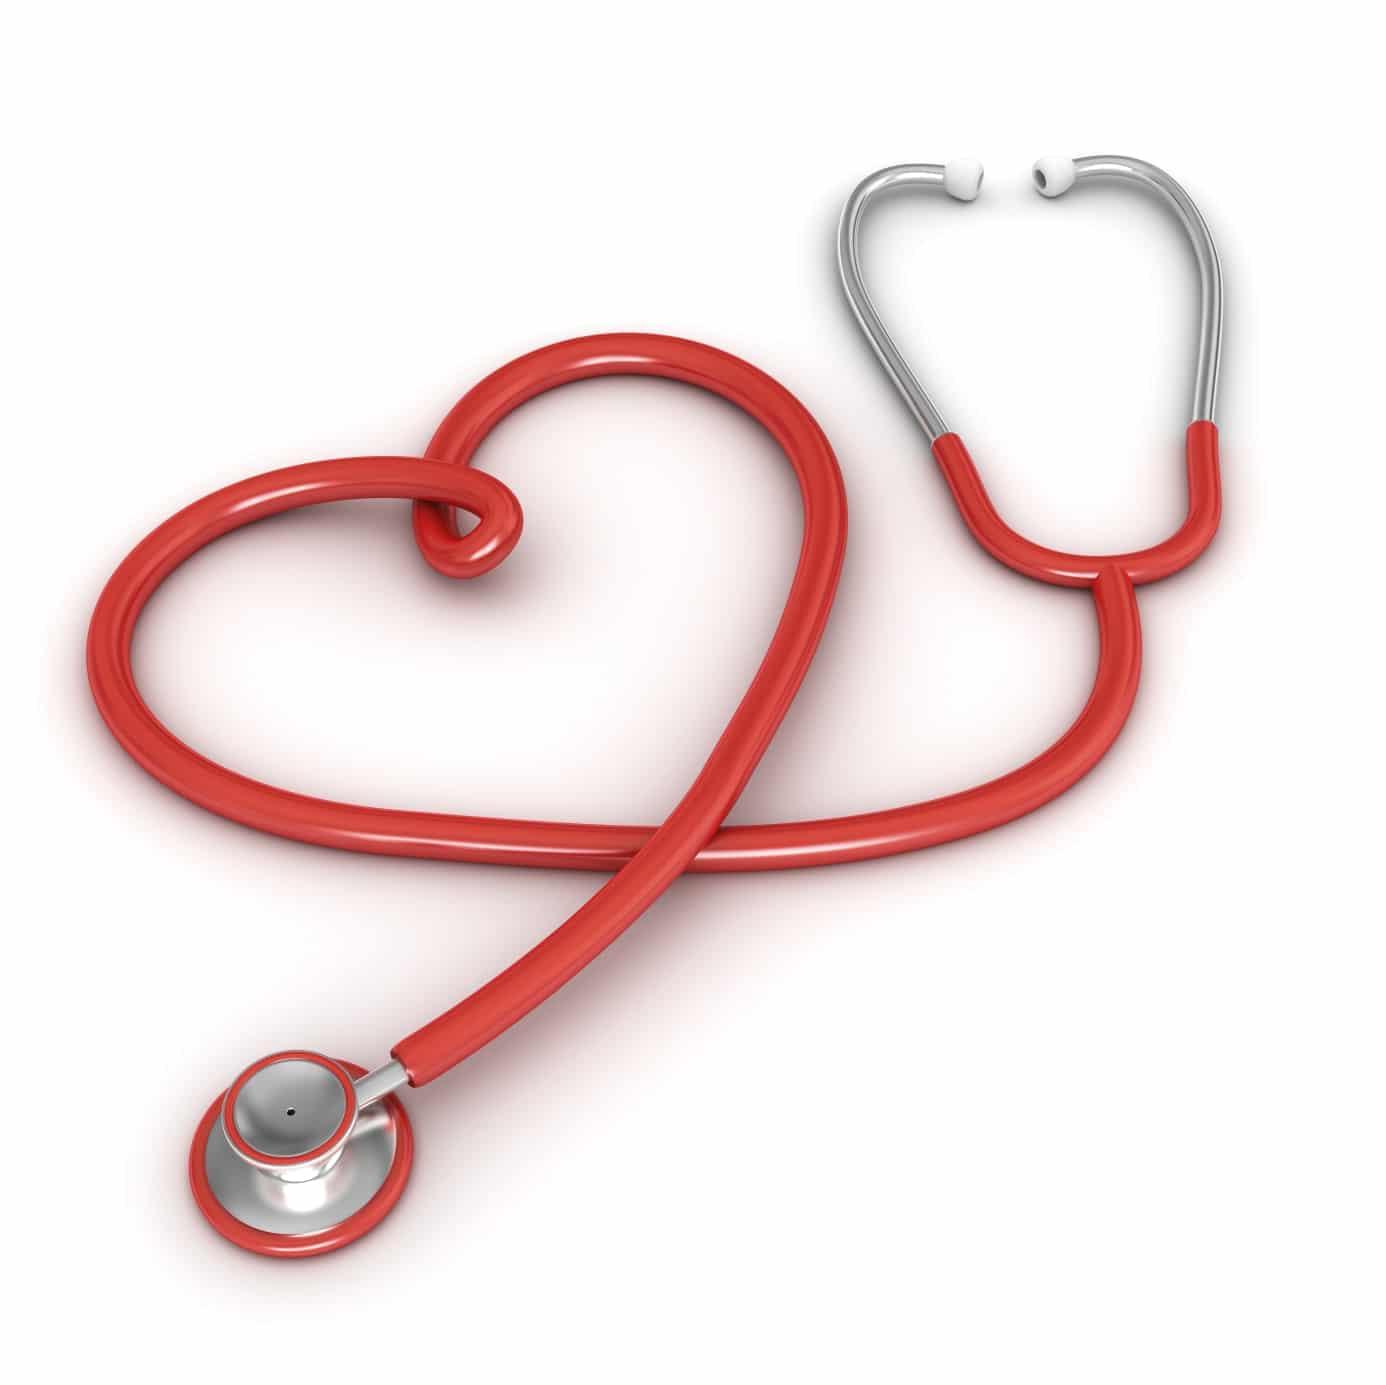 Heart Stethoscope - NWHN